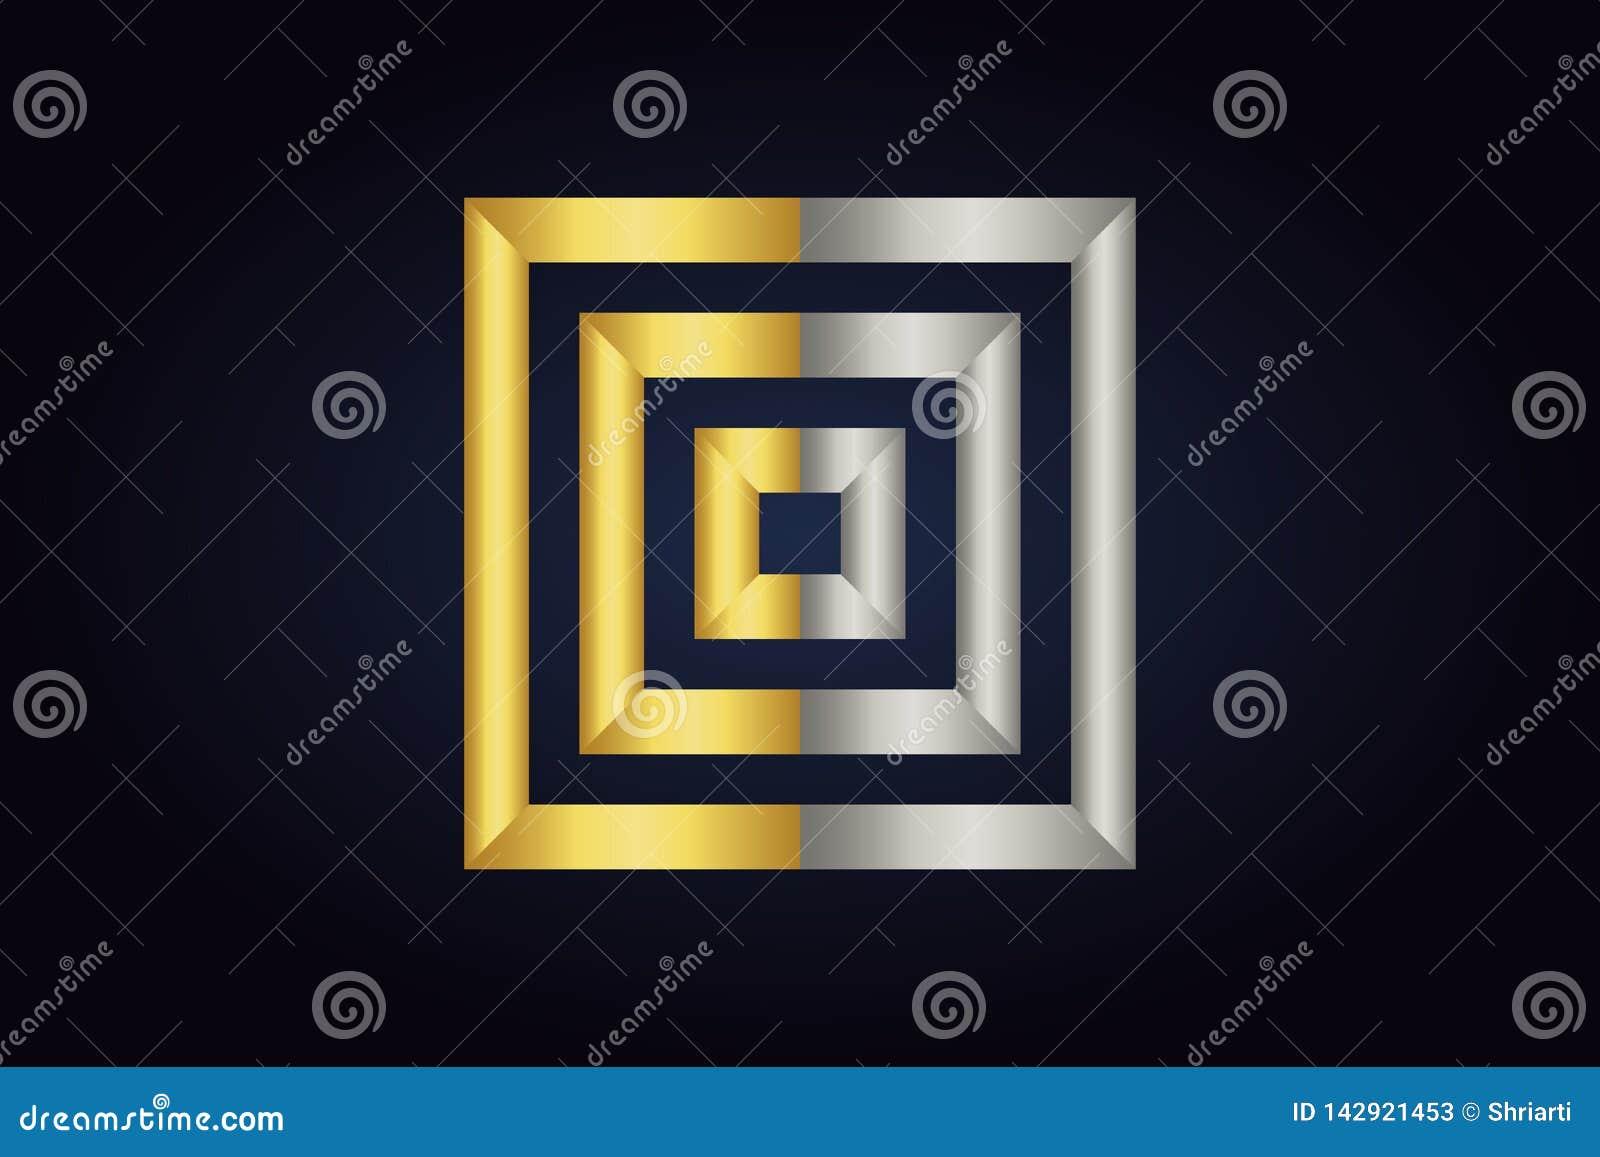 Tr?s quadrados dentro de se Quadrados em cores da prata e do ouro